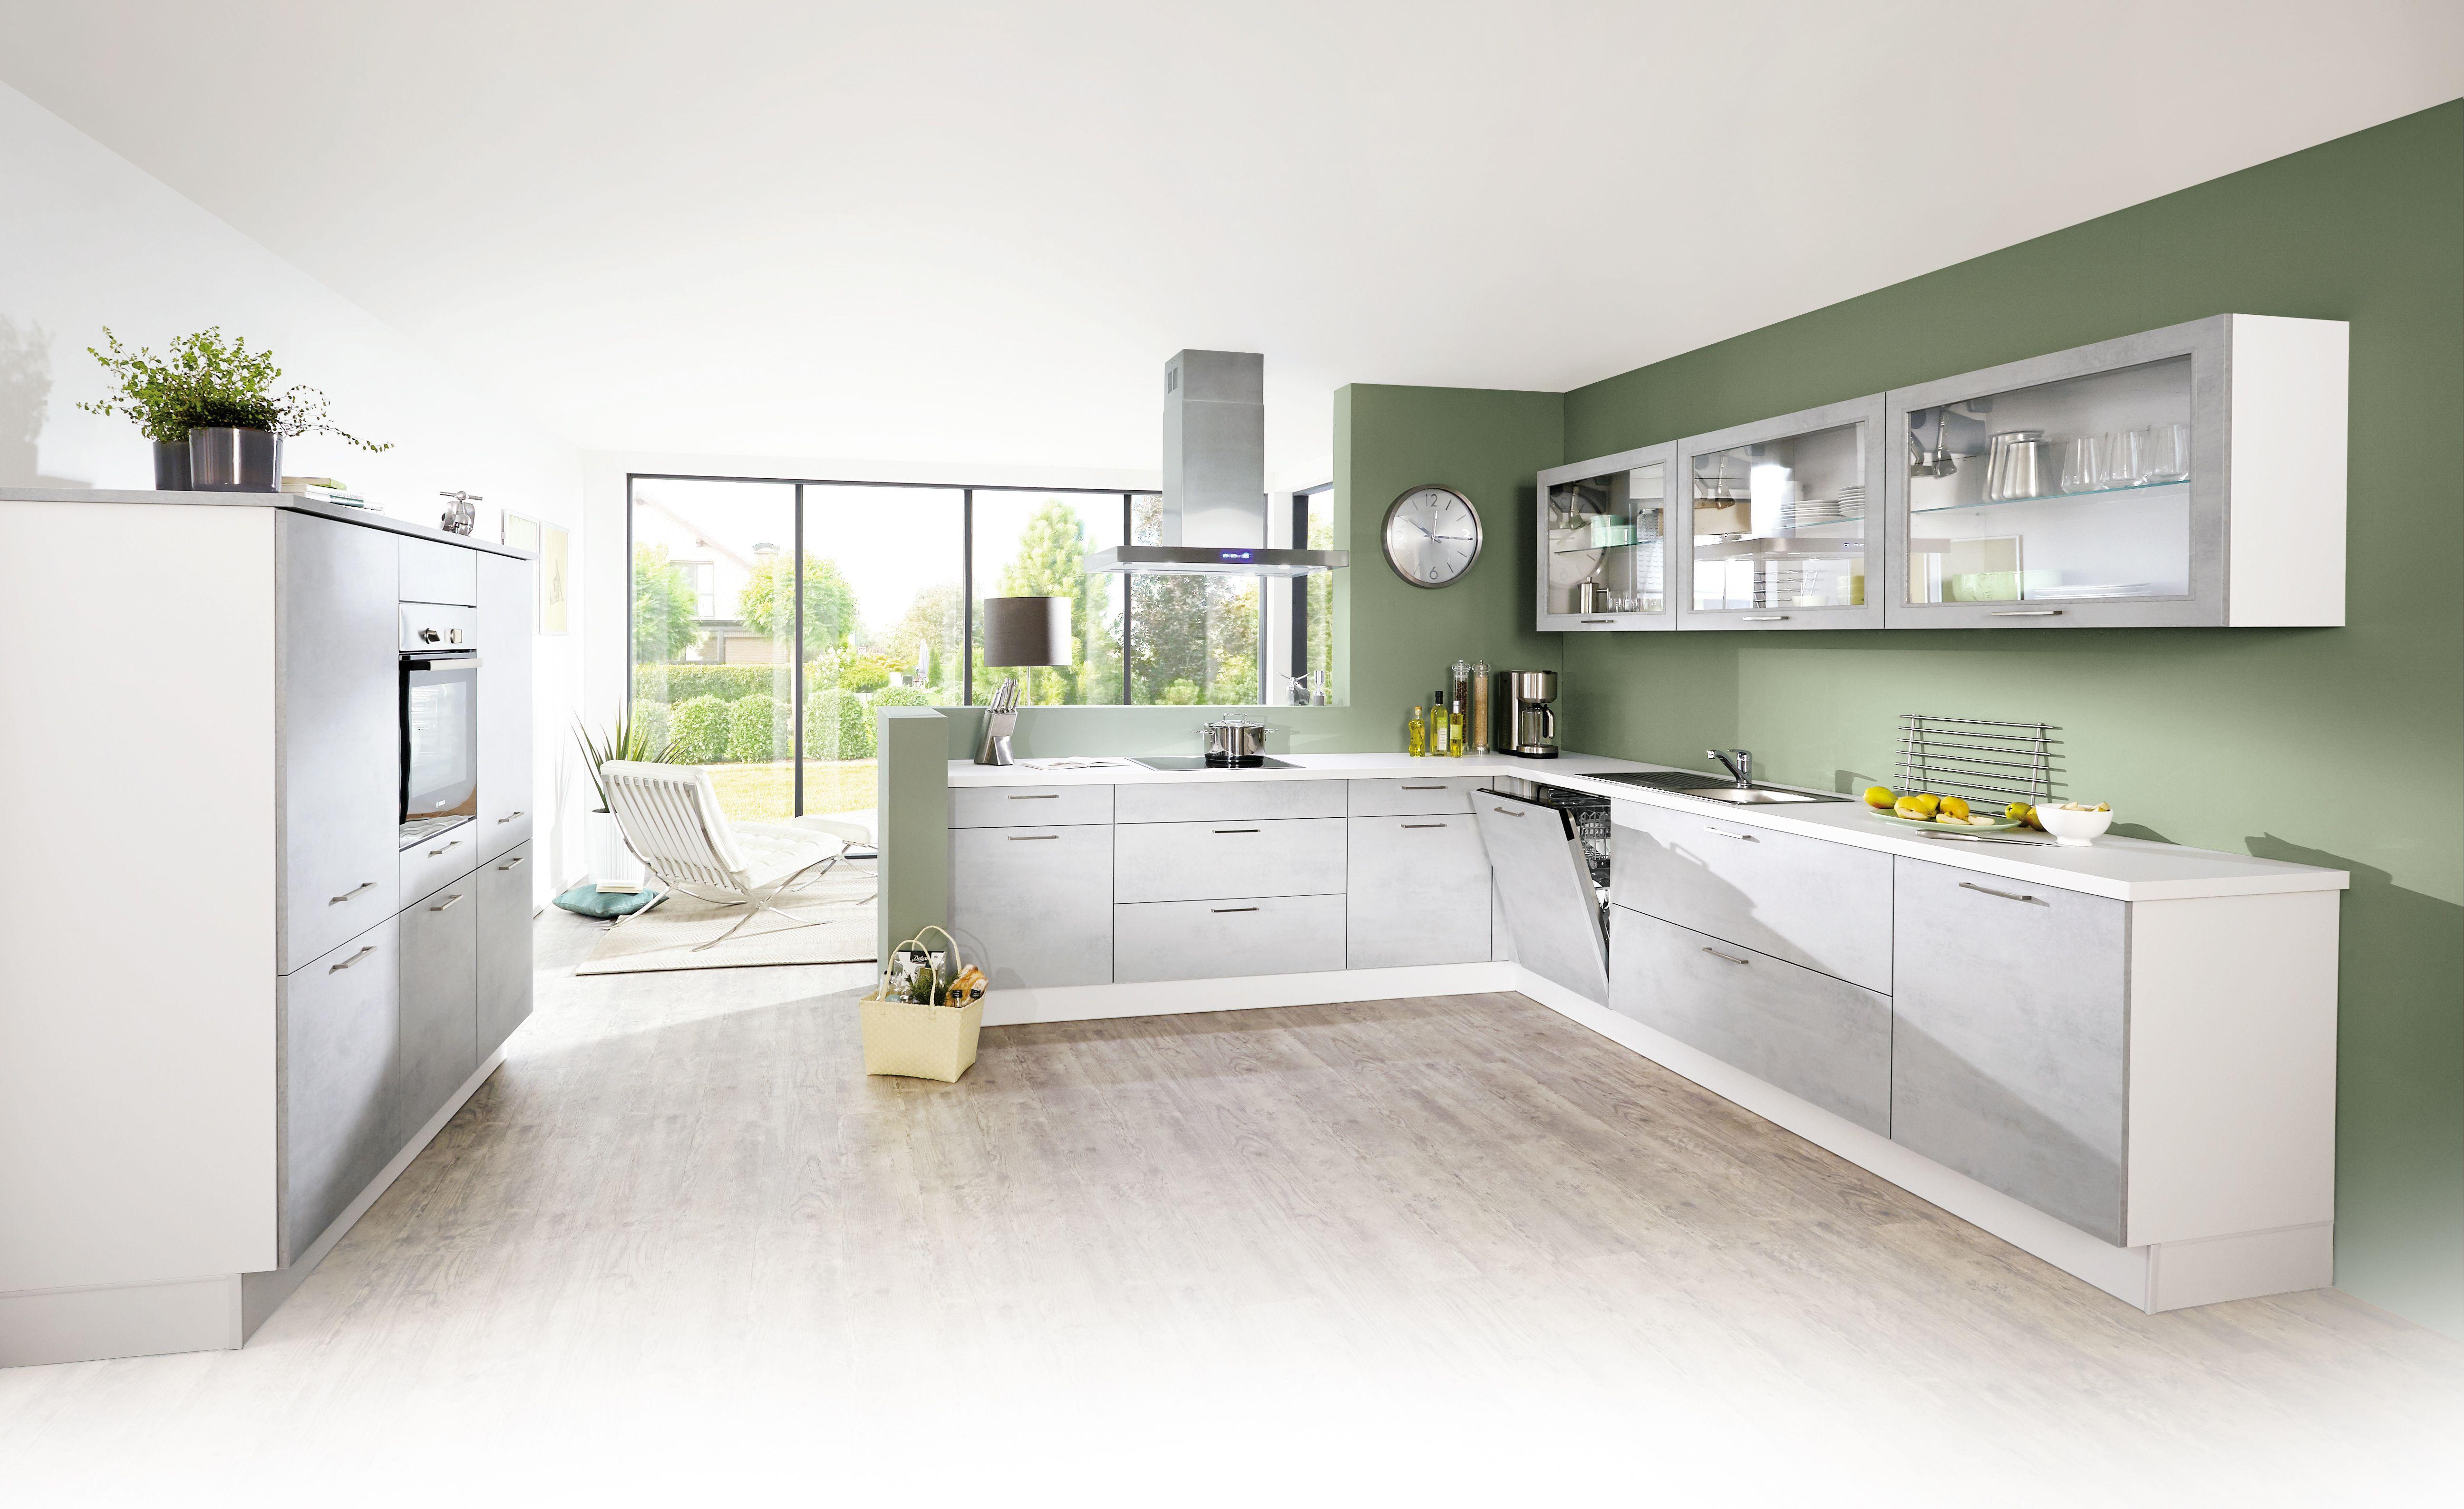 moderne lifestyle k che mit hochwertiger ausstattung und fronten in beton grau nachbildung der. Black Bedroom Furniture Sets. Home Design Ideas